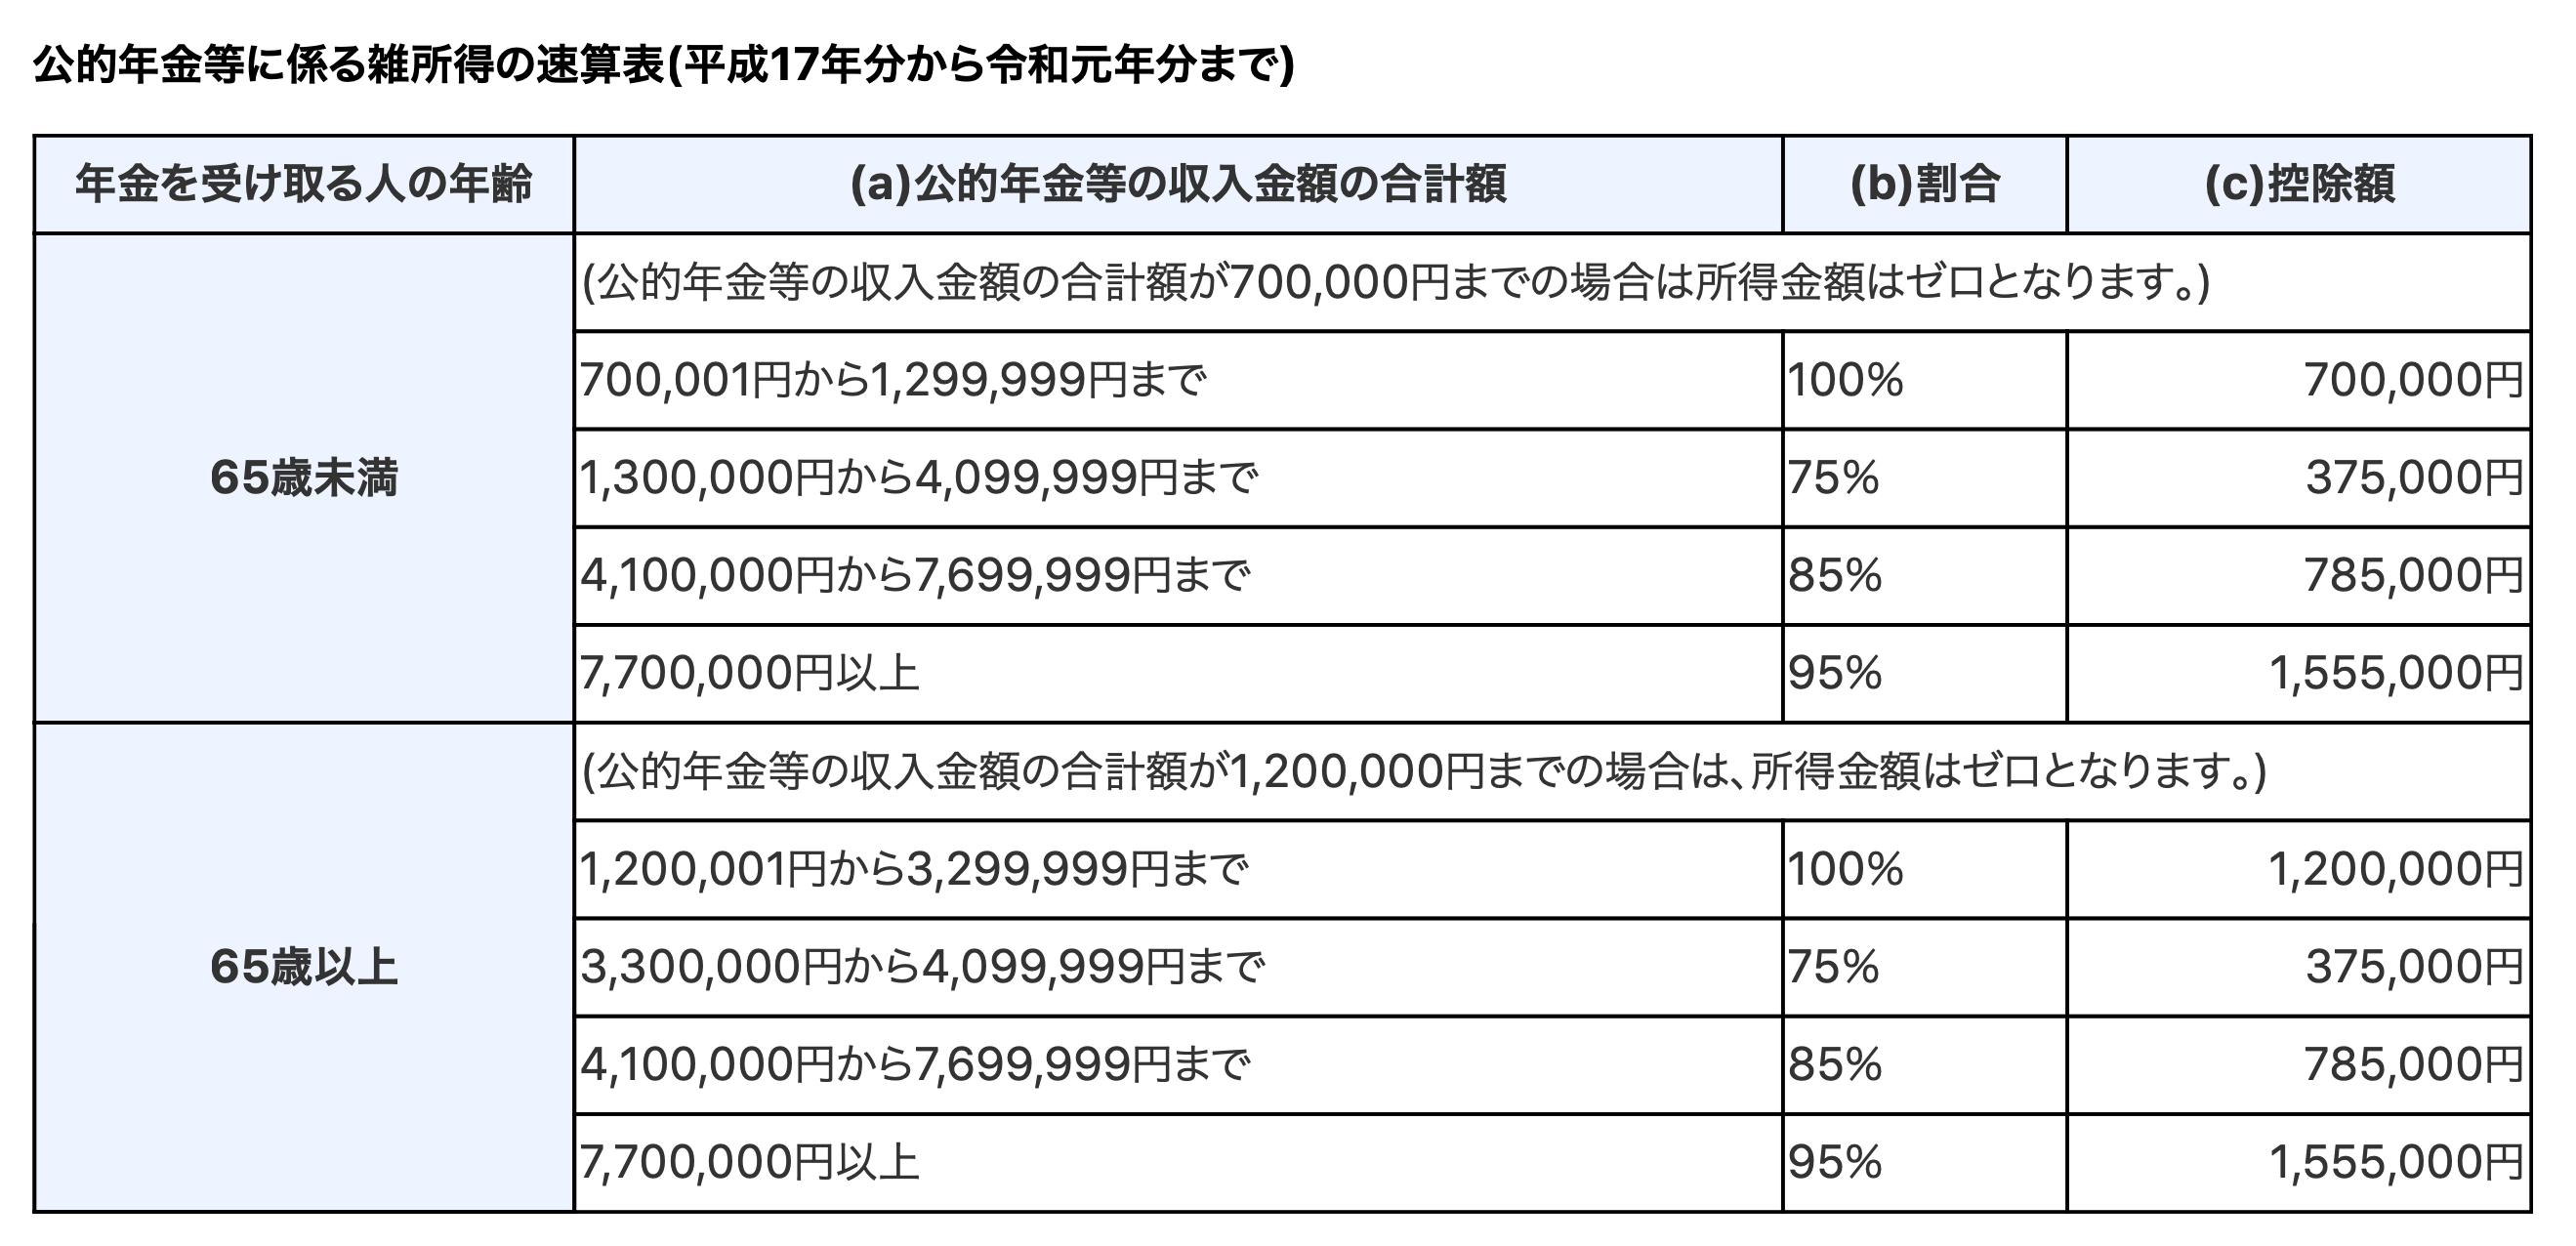 公的年金等の雑所得 控除表1